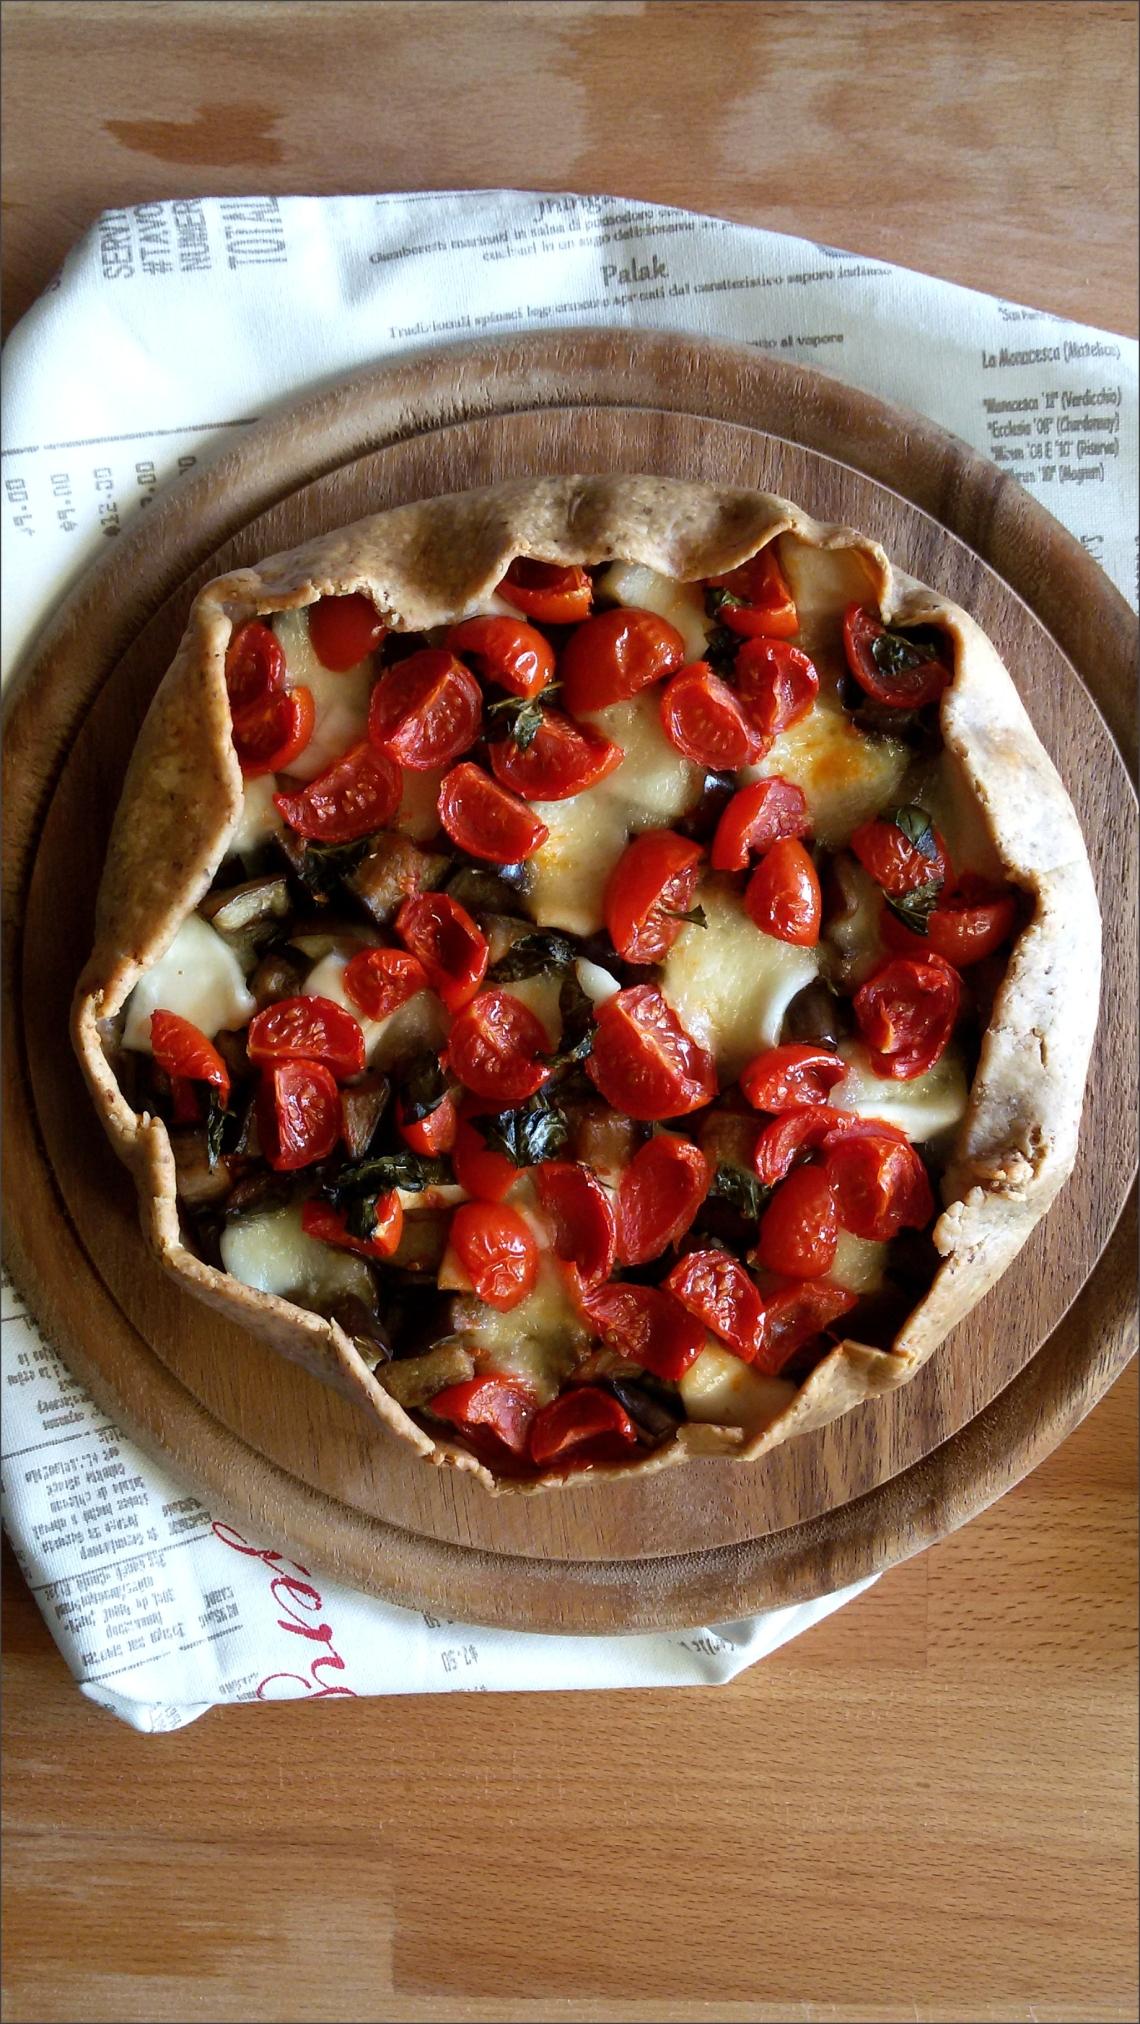 Torta-salata-di-nocciole-con-melanzane-e-pomodorini